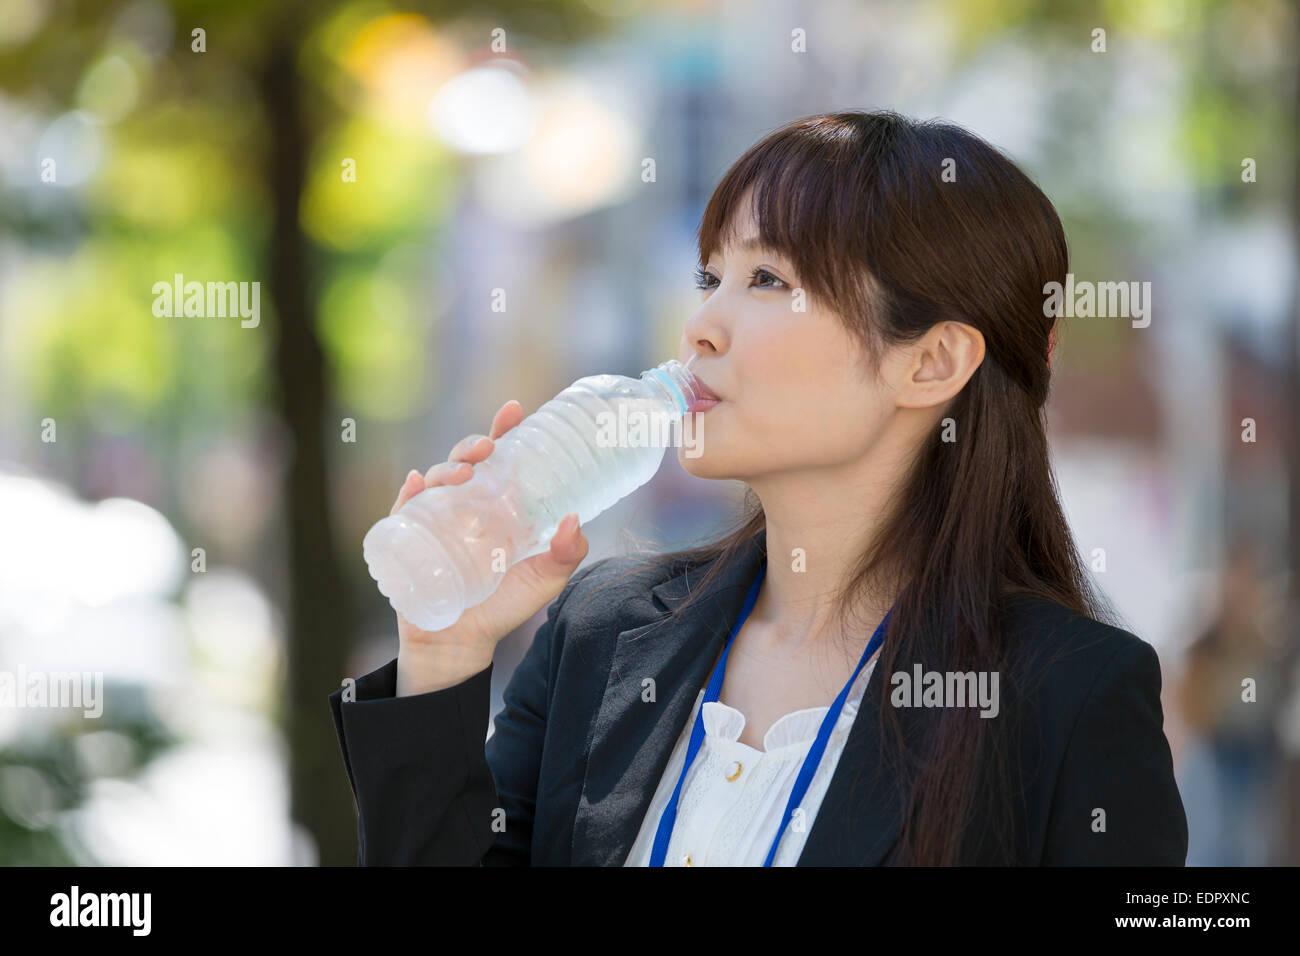 L'eau embouteillée Holding Photo Stock